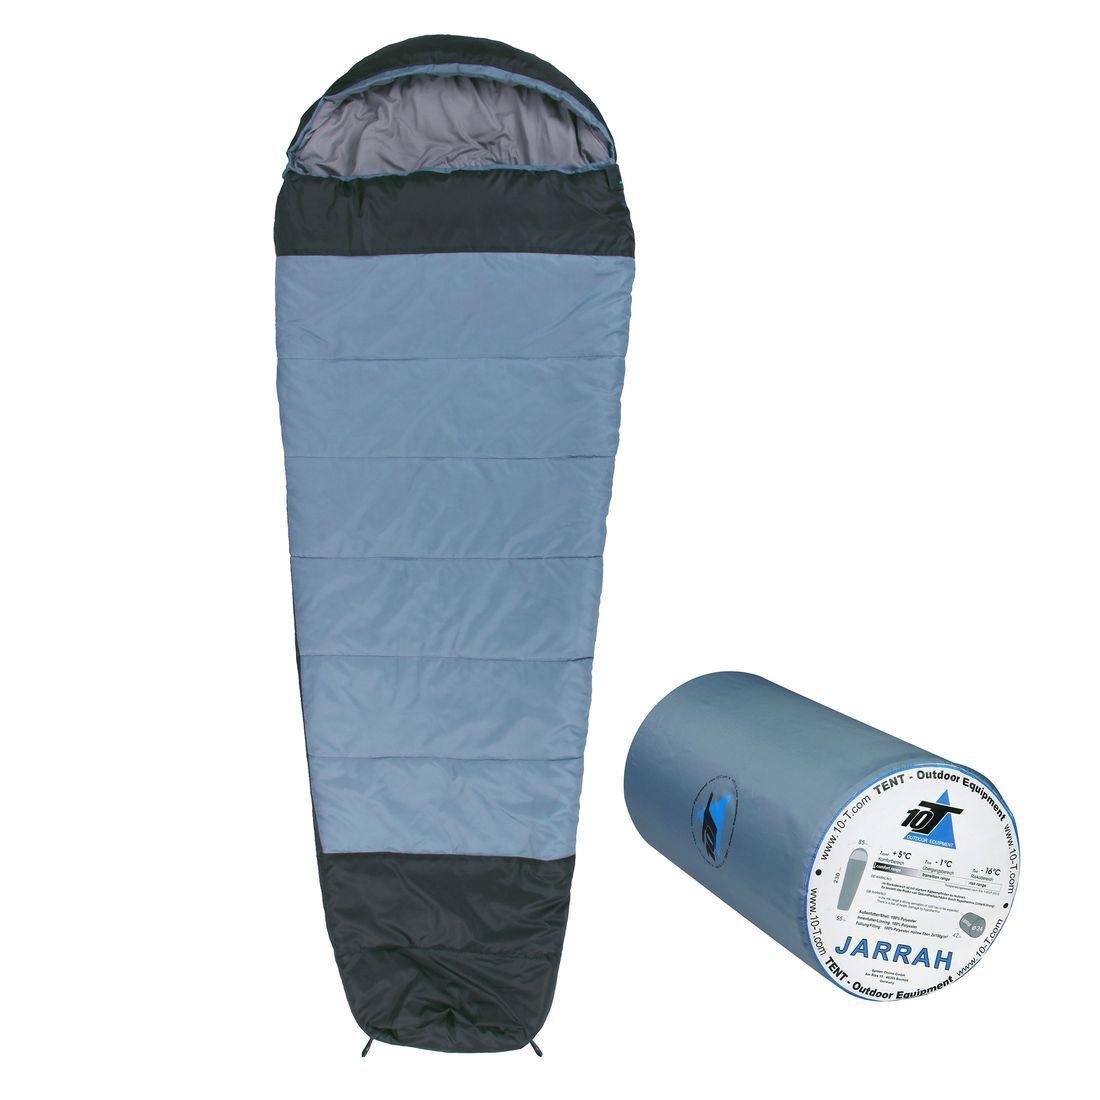 Schlafsack Jarrah 230x85 Mumie Sleeping Tasche -16 065533;65533; warm 1800g hellblau 300g m2